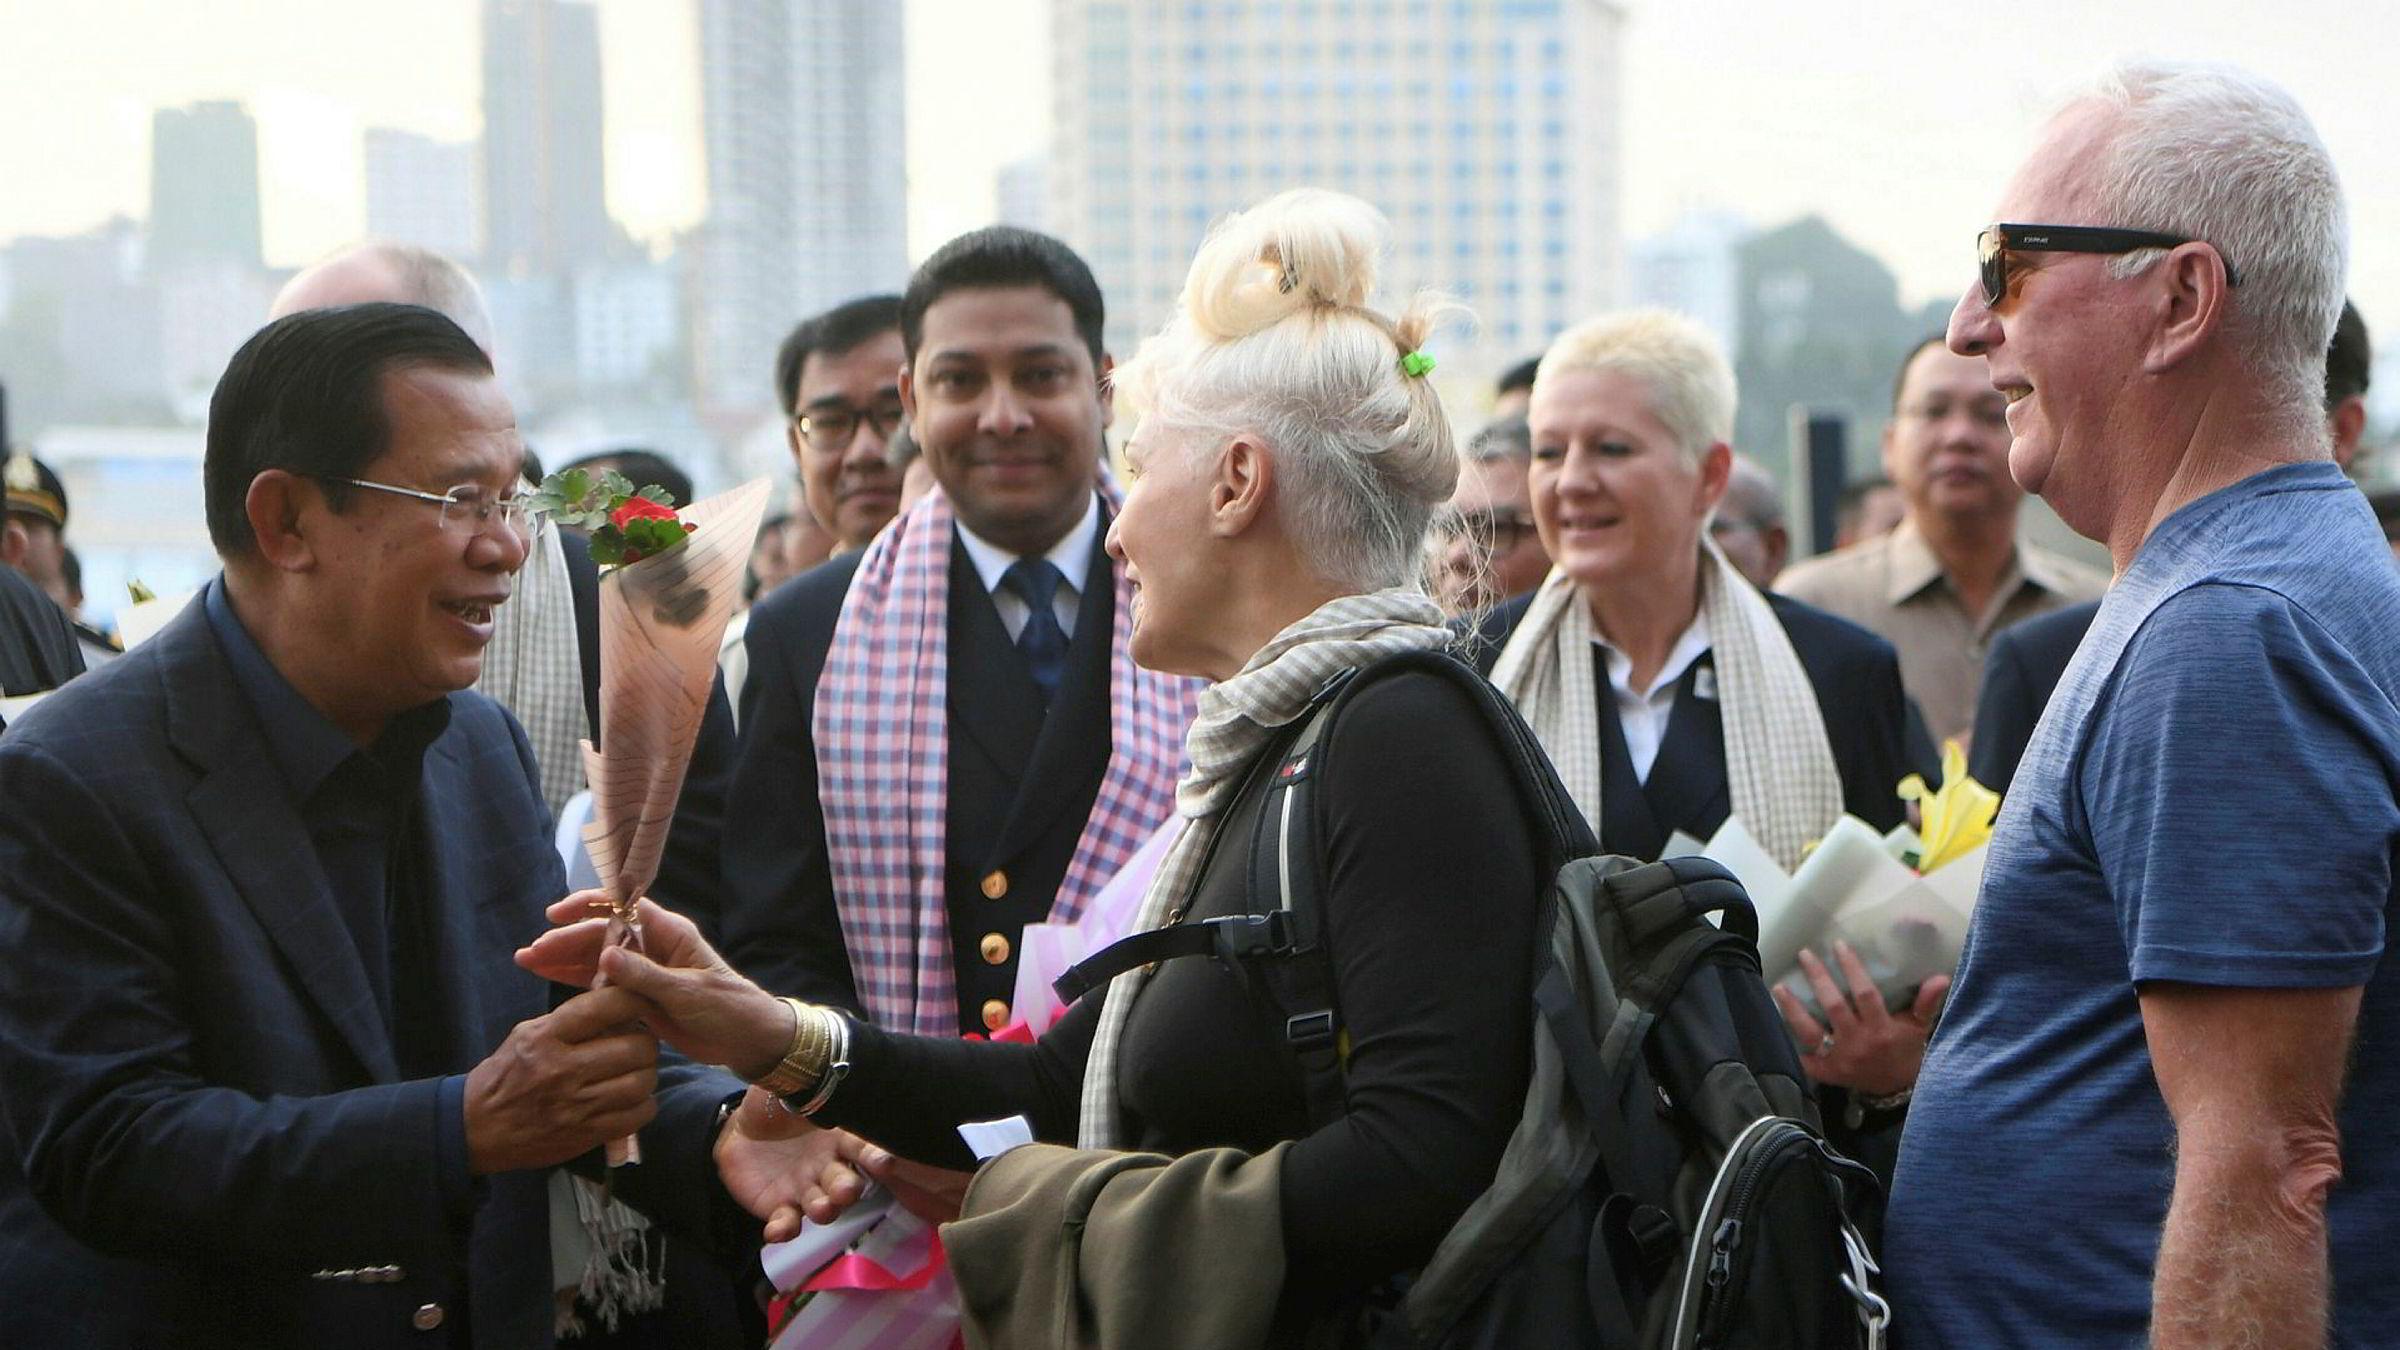 Hundrevis av passasjerer om bord et cruiseskip som fikk legge til land i Kambodsja etter å ha blitt avvist av flere land, fikk endelig gå i land. Passasjerene jublet da de gikk i land og fikk blomster av statsminister Hun Sen.